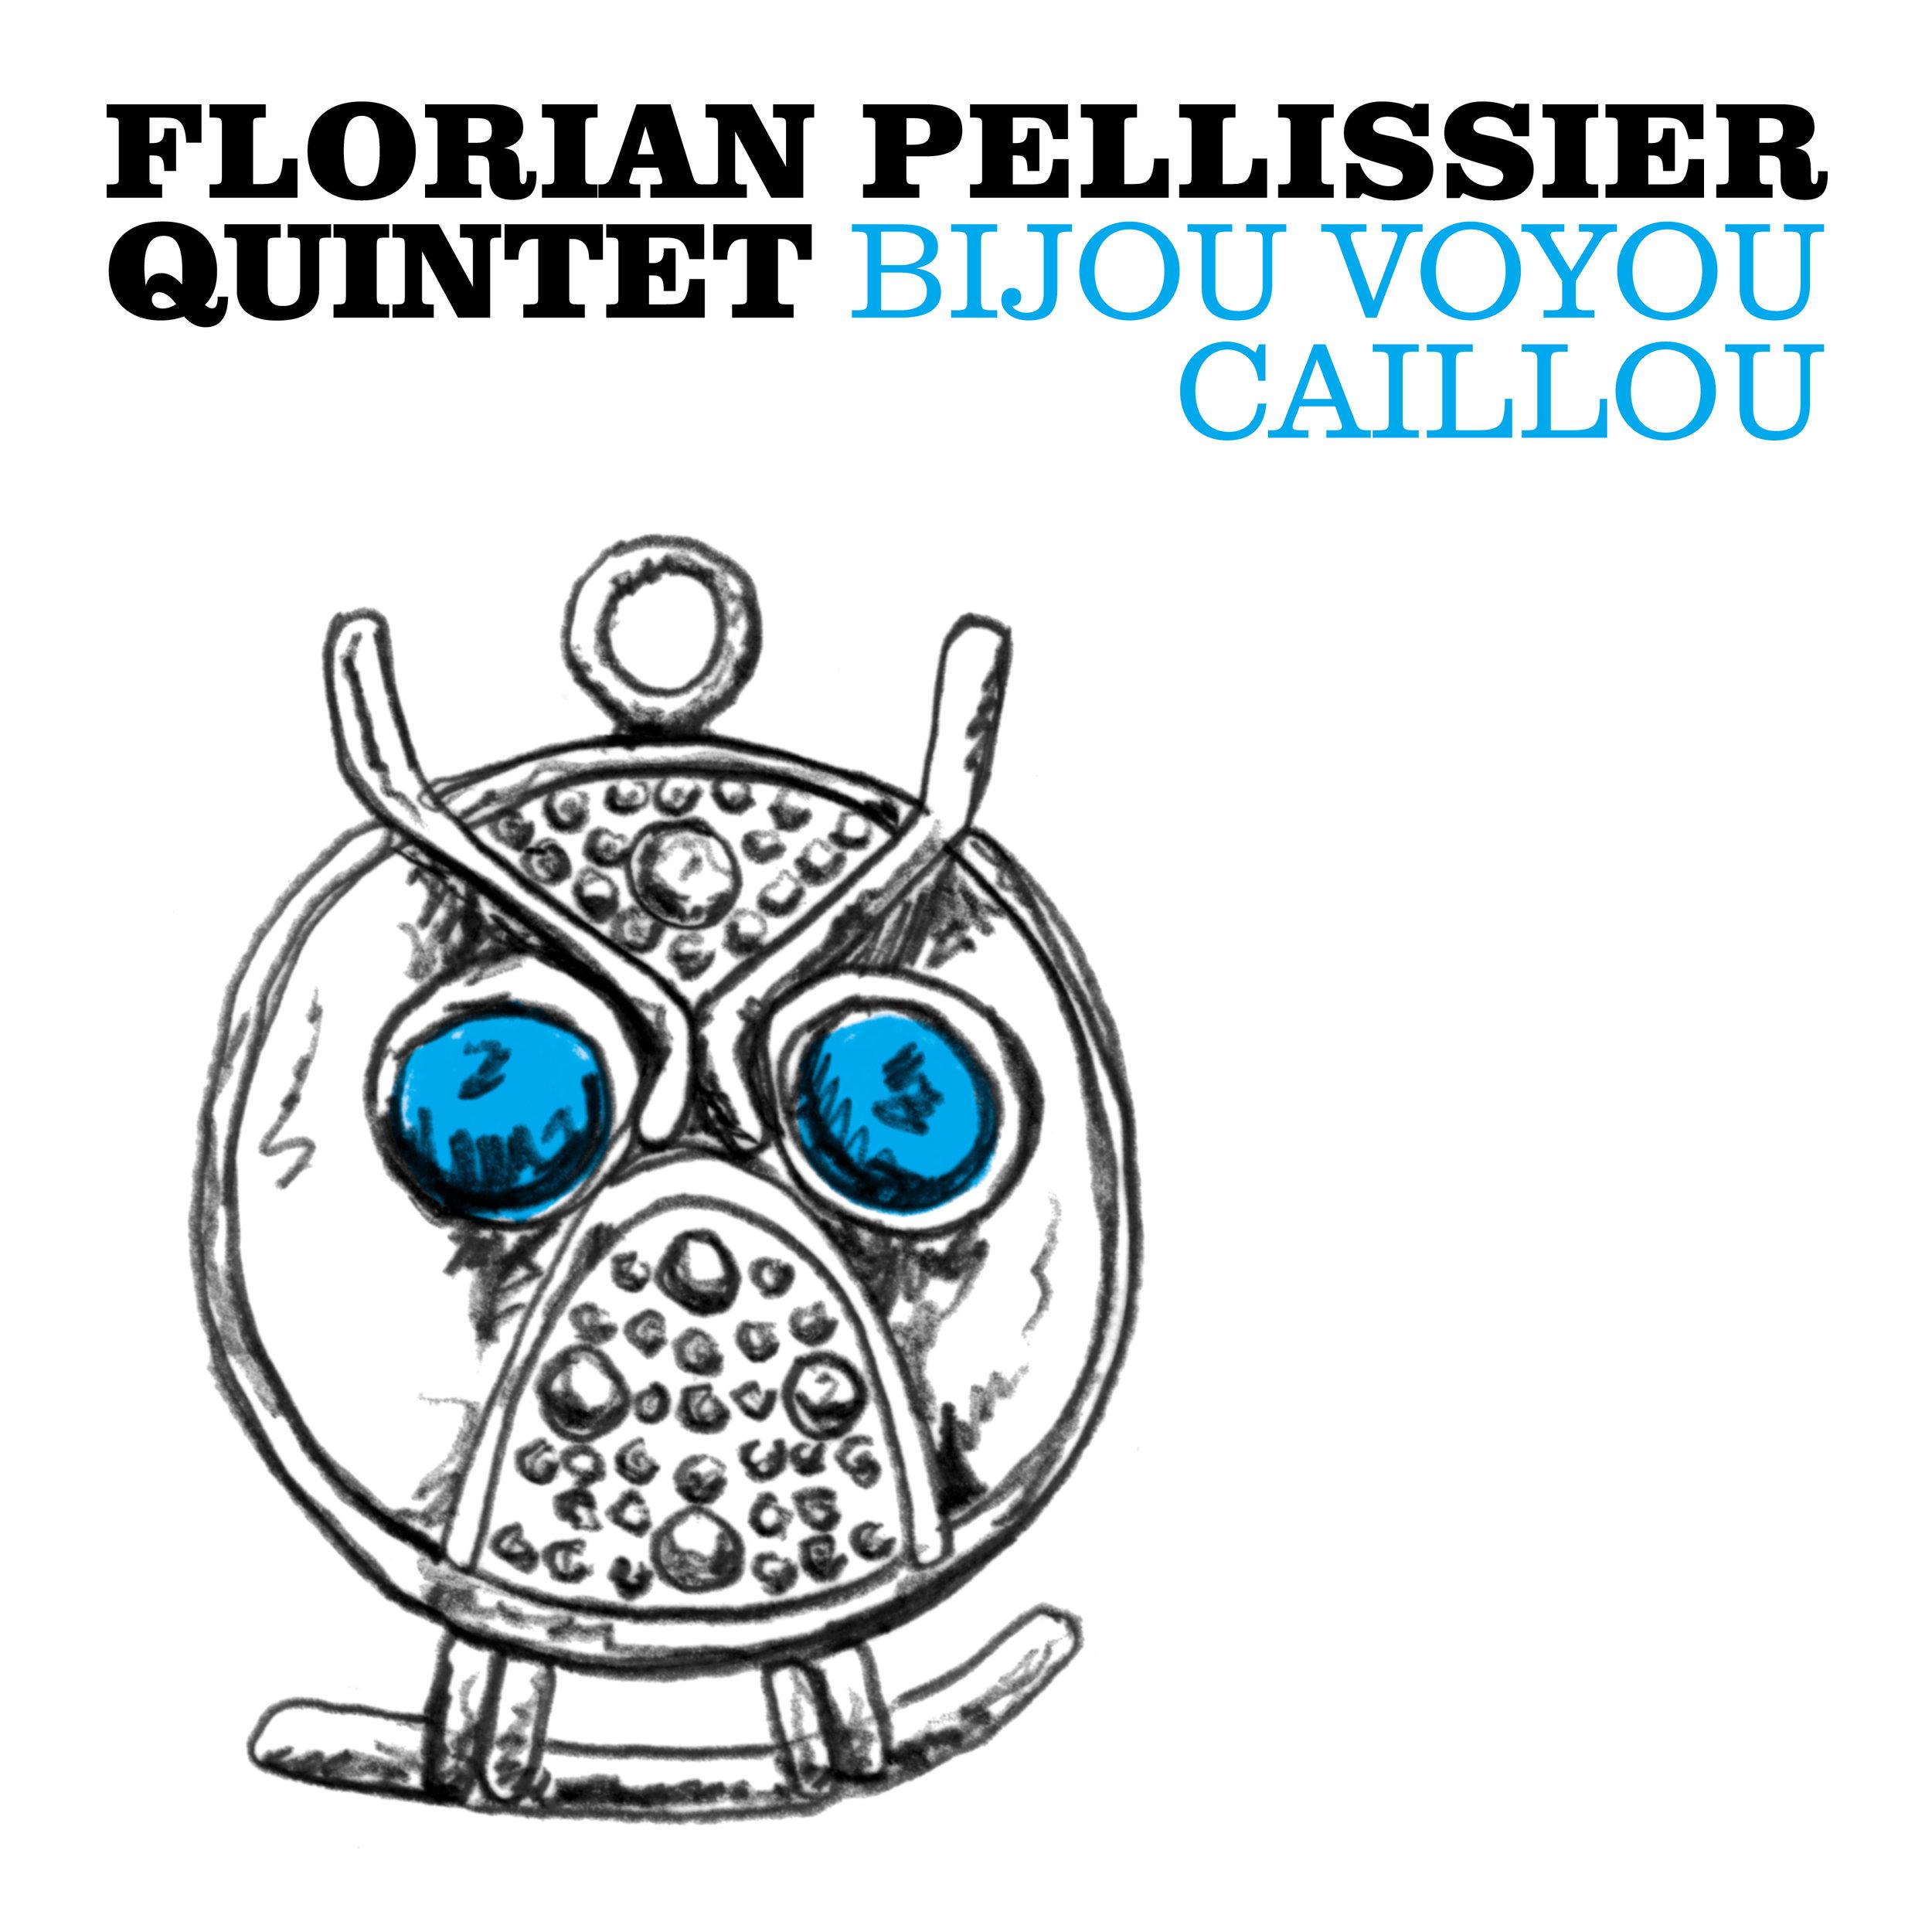 Florian Pellissier Quintet - Bijou Voyou Caillou  En présence de l'artiste 30.05.18 -  Infos